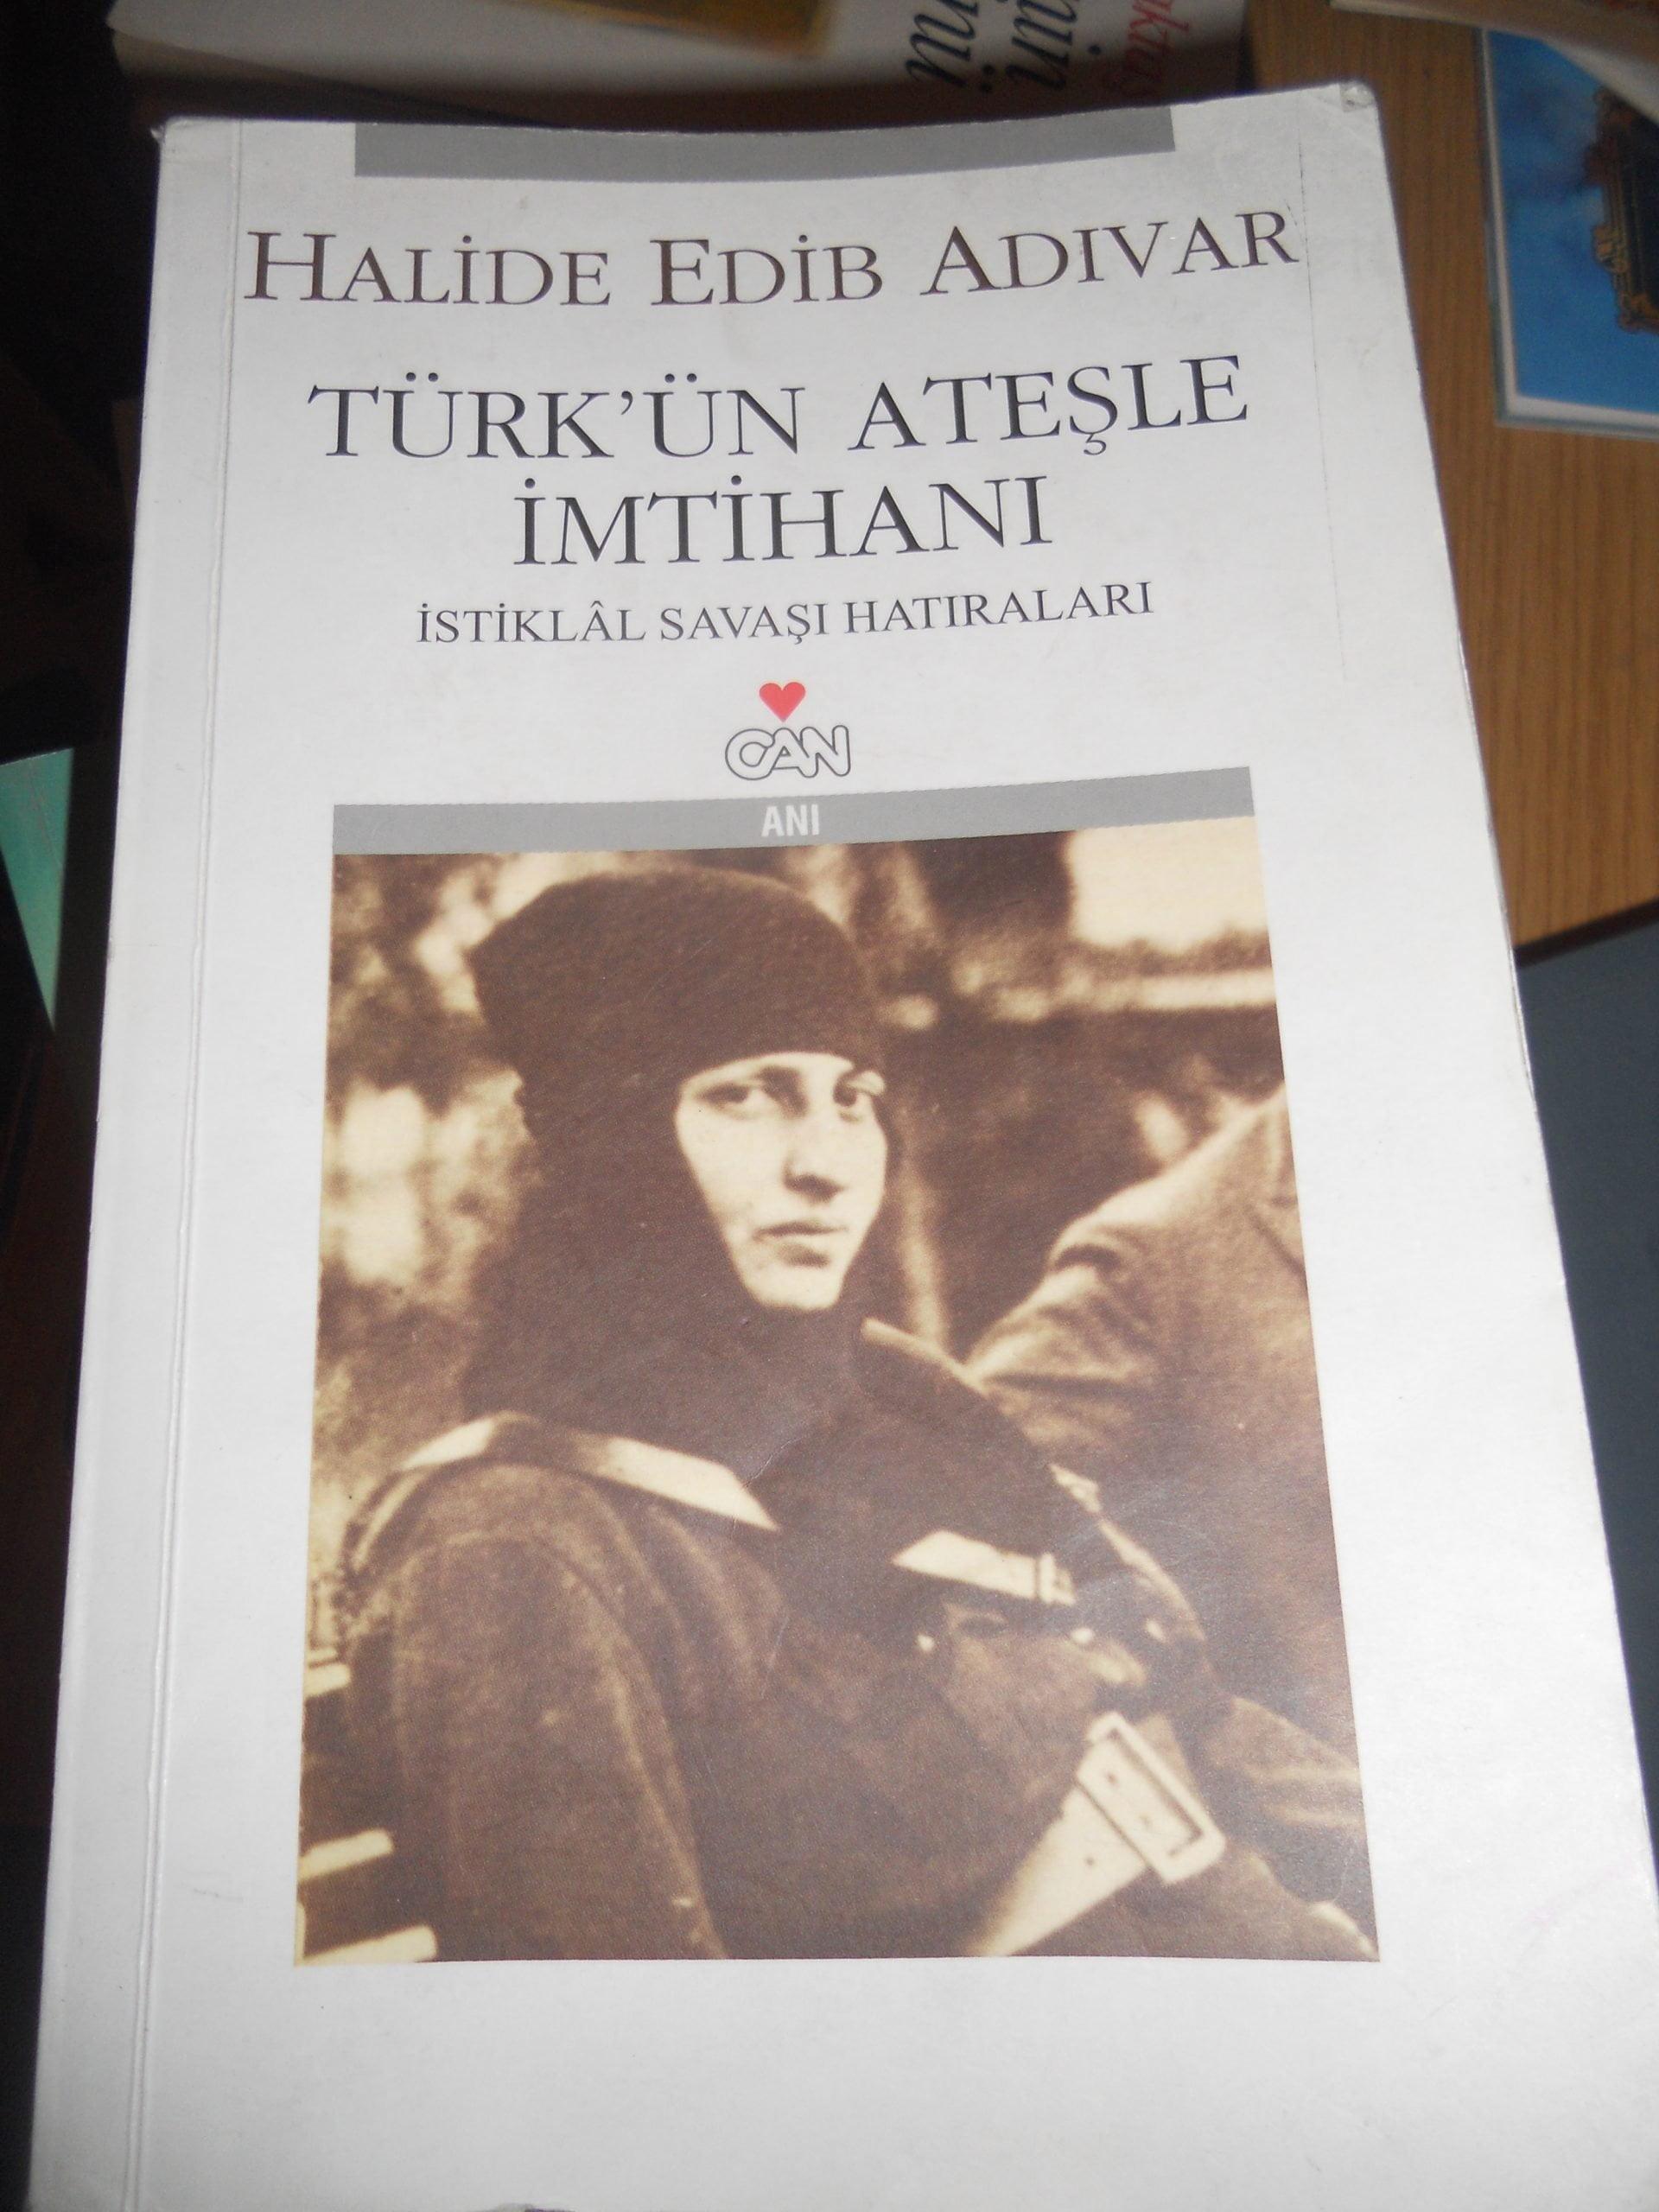 TÜRK'ÜN ATEŞLE İMTİHANI/Halide Edip ADIVAR/15TL